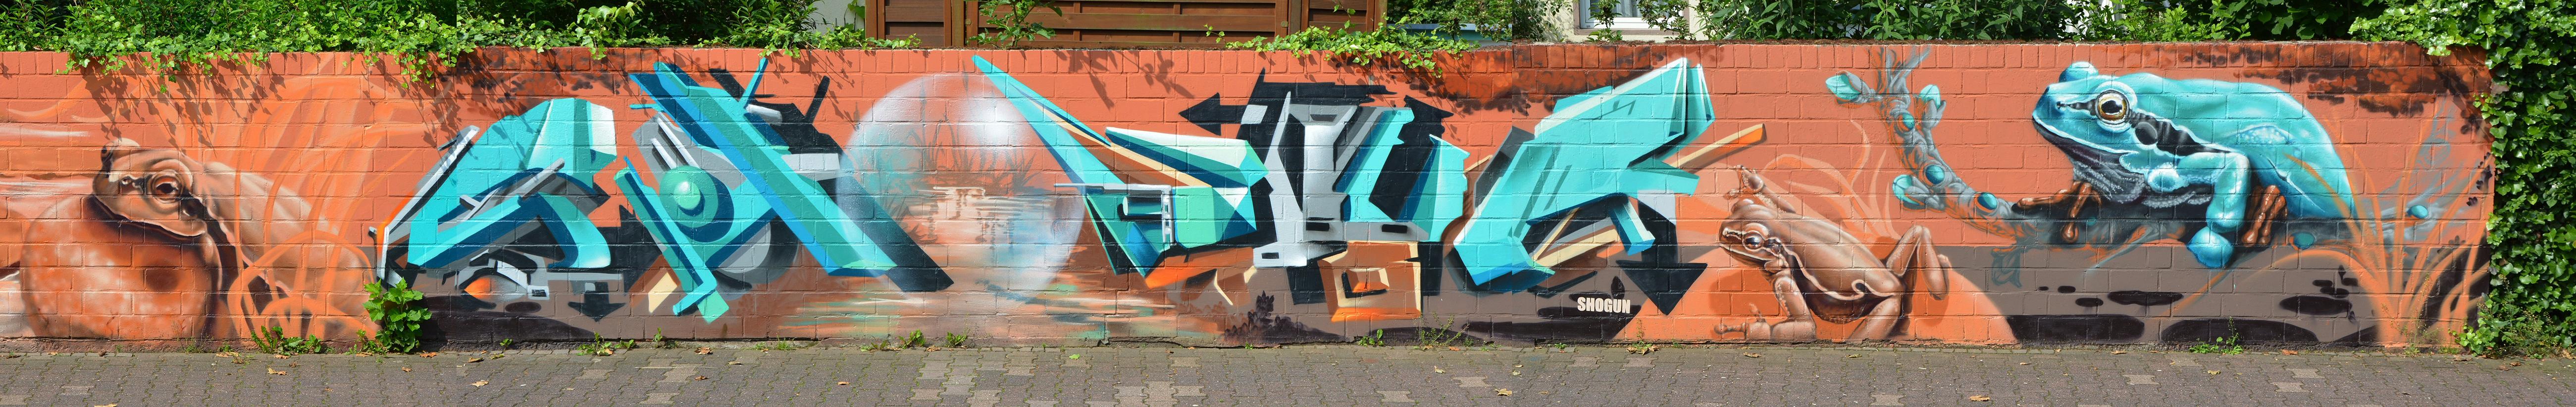 shogun_honsar_graffiti__frankfurt_2016_2